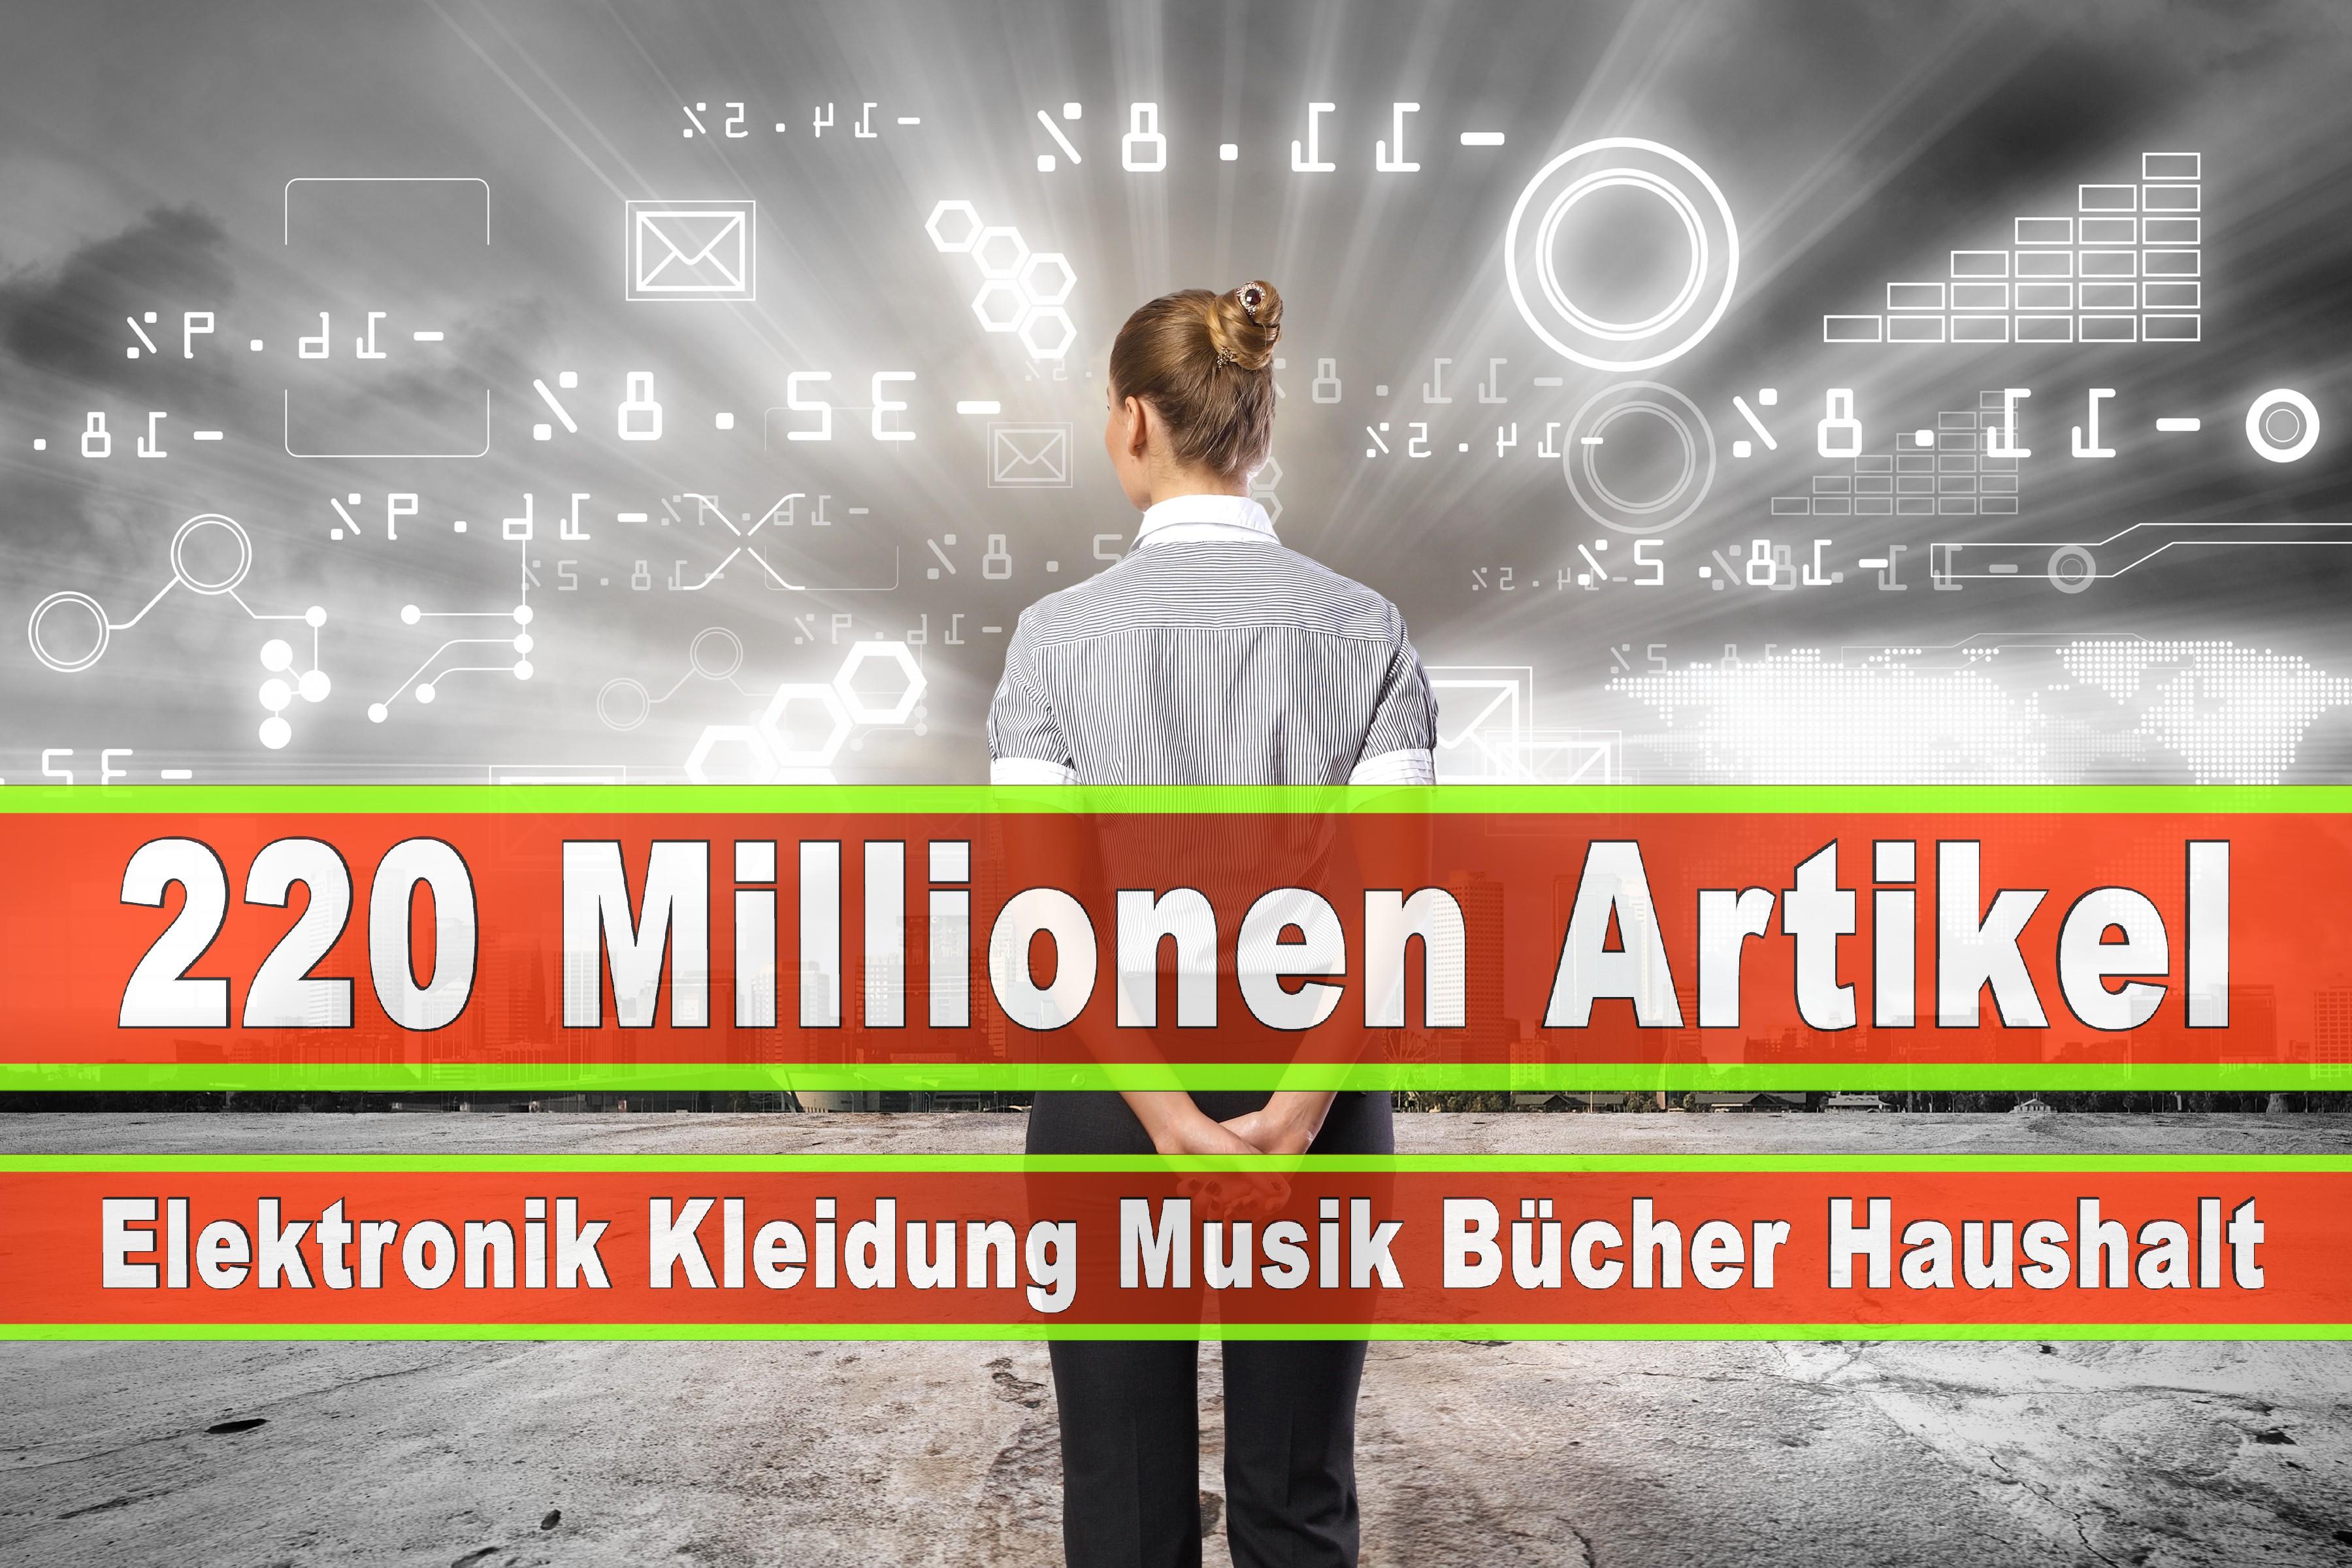 Amazon Elektronik Musik Haushalt Bücher CD DVD Handys Smartphones TV Television Fernseher Kleidung Mode Ebay Versandhaus (89)